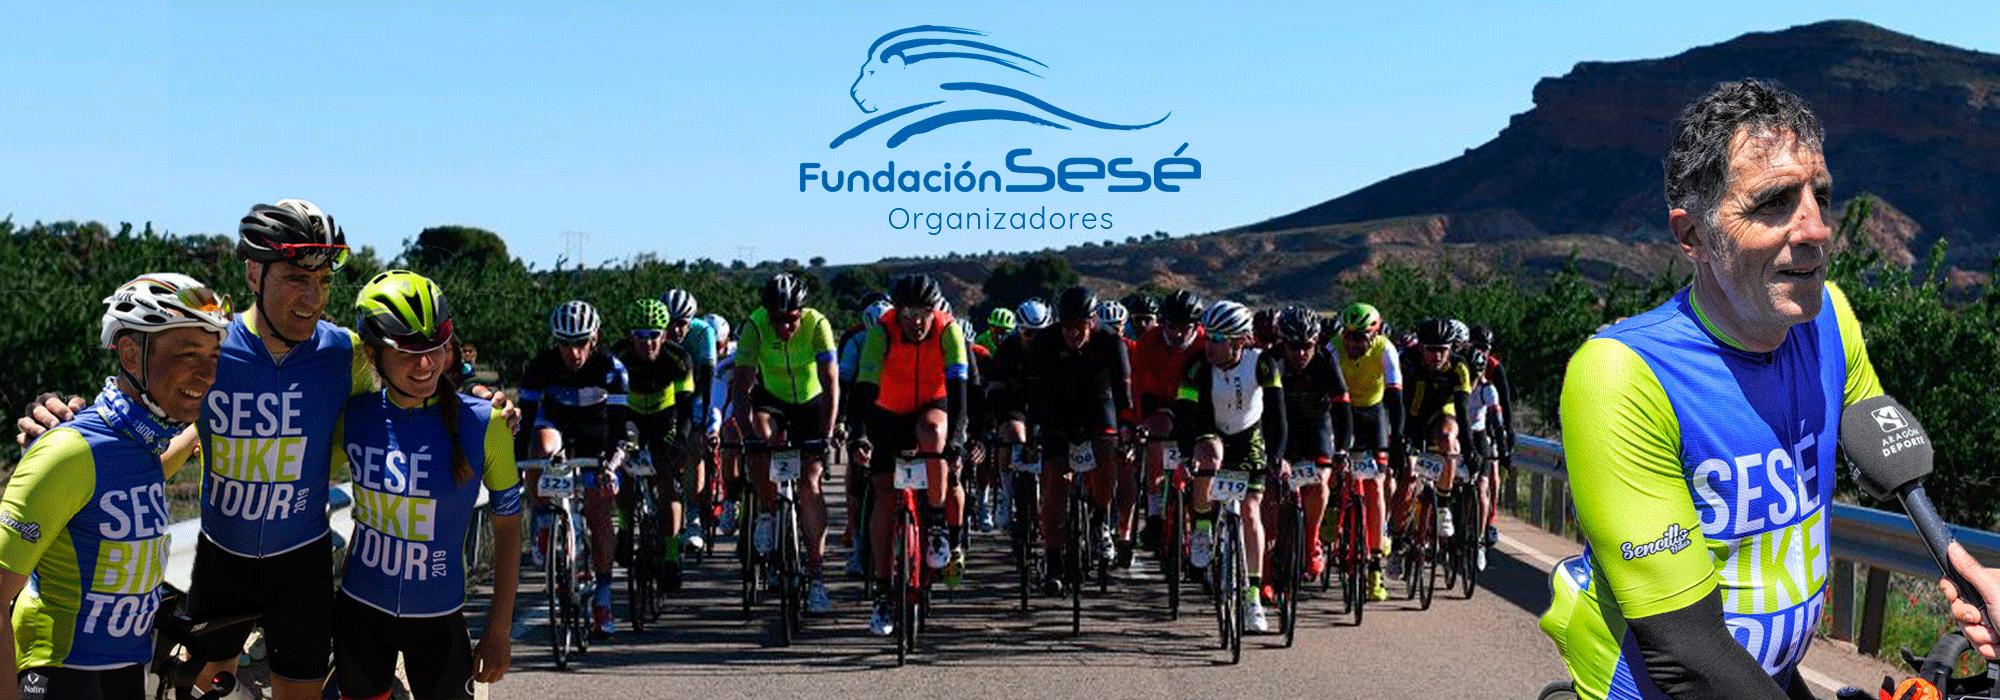 organizadores-sese-bike-tour